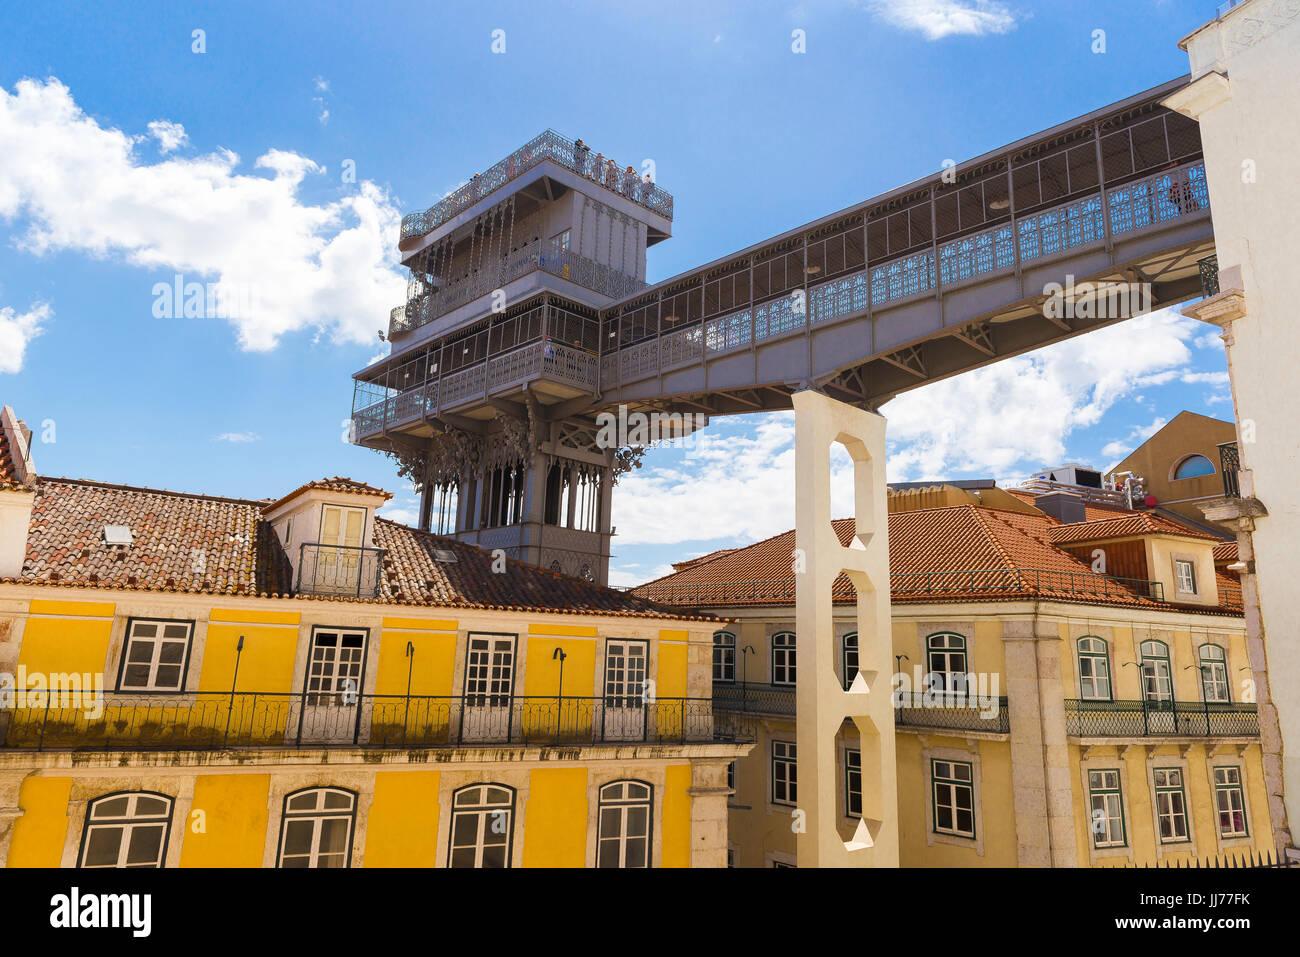 Lisbon Elevador de Santa Justa, view of the walkway of the Elevador Santa Justa spanning the Rua do Carmo in the - Stock Image